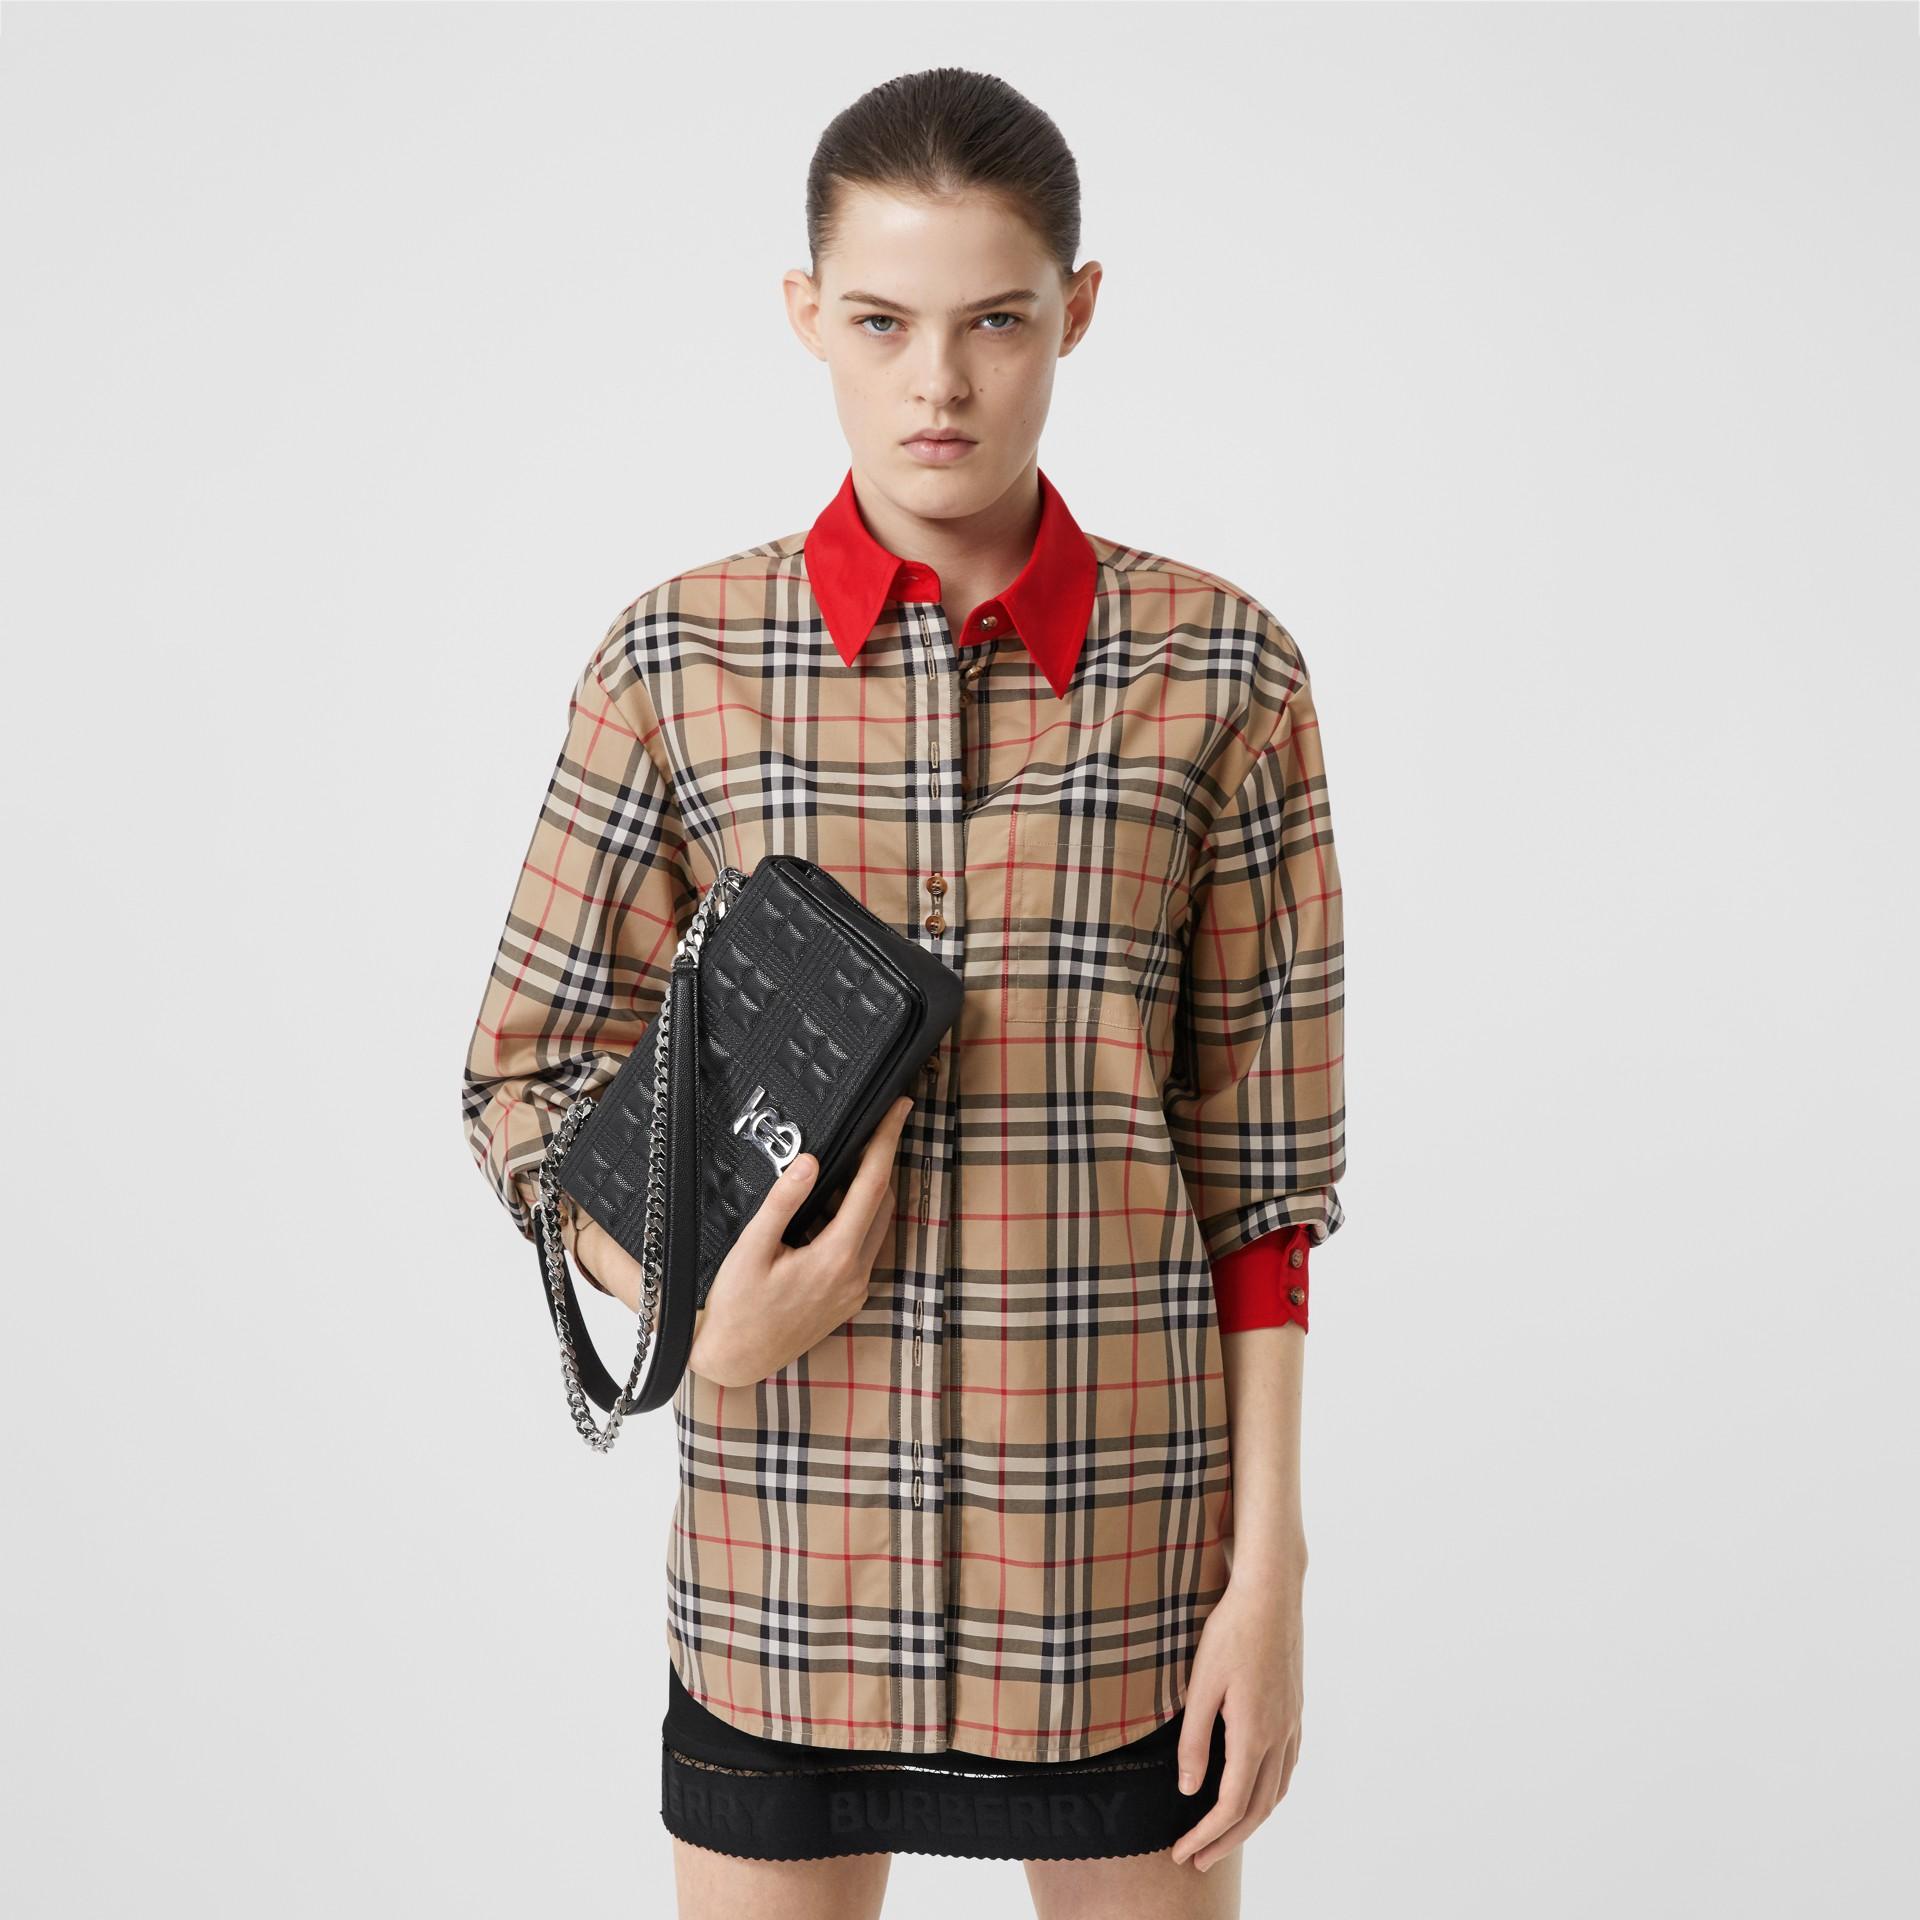 Camisa en algodón elástico a cuadros Vintage Checks con detalles a contraste (Beige) - Mujer | Burberry - imagen de la galería 0